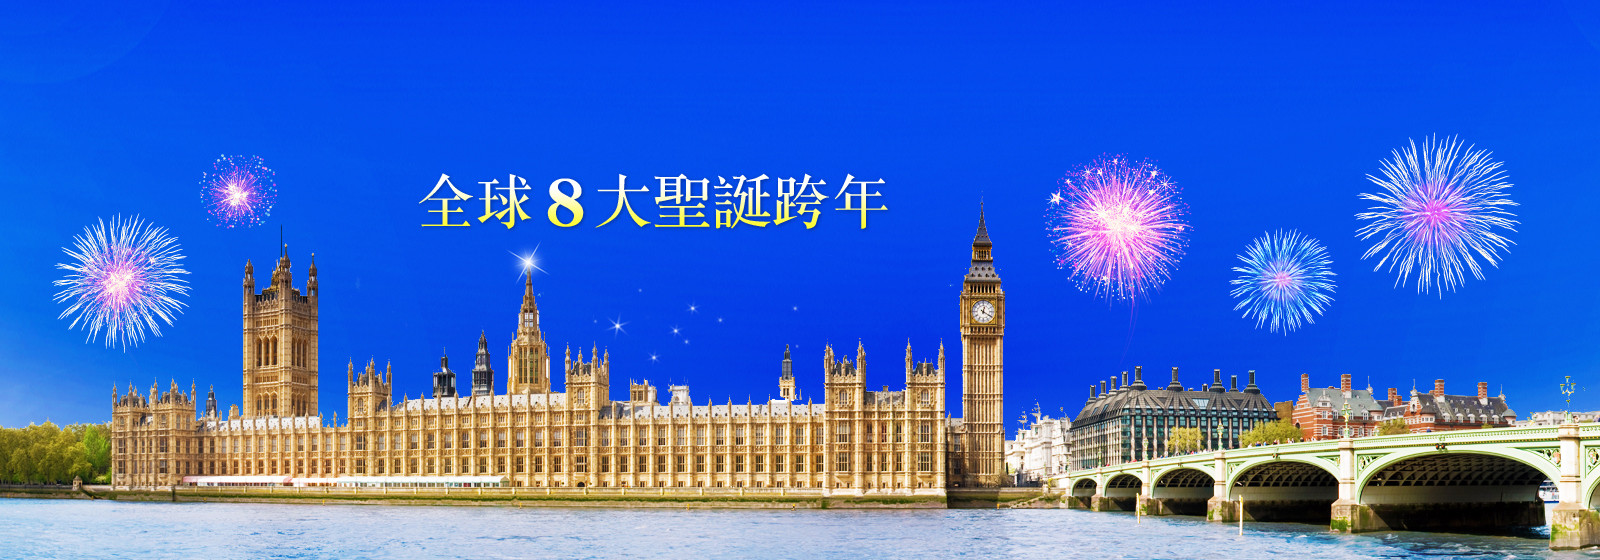 全球8大跨年